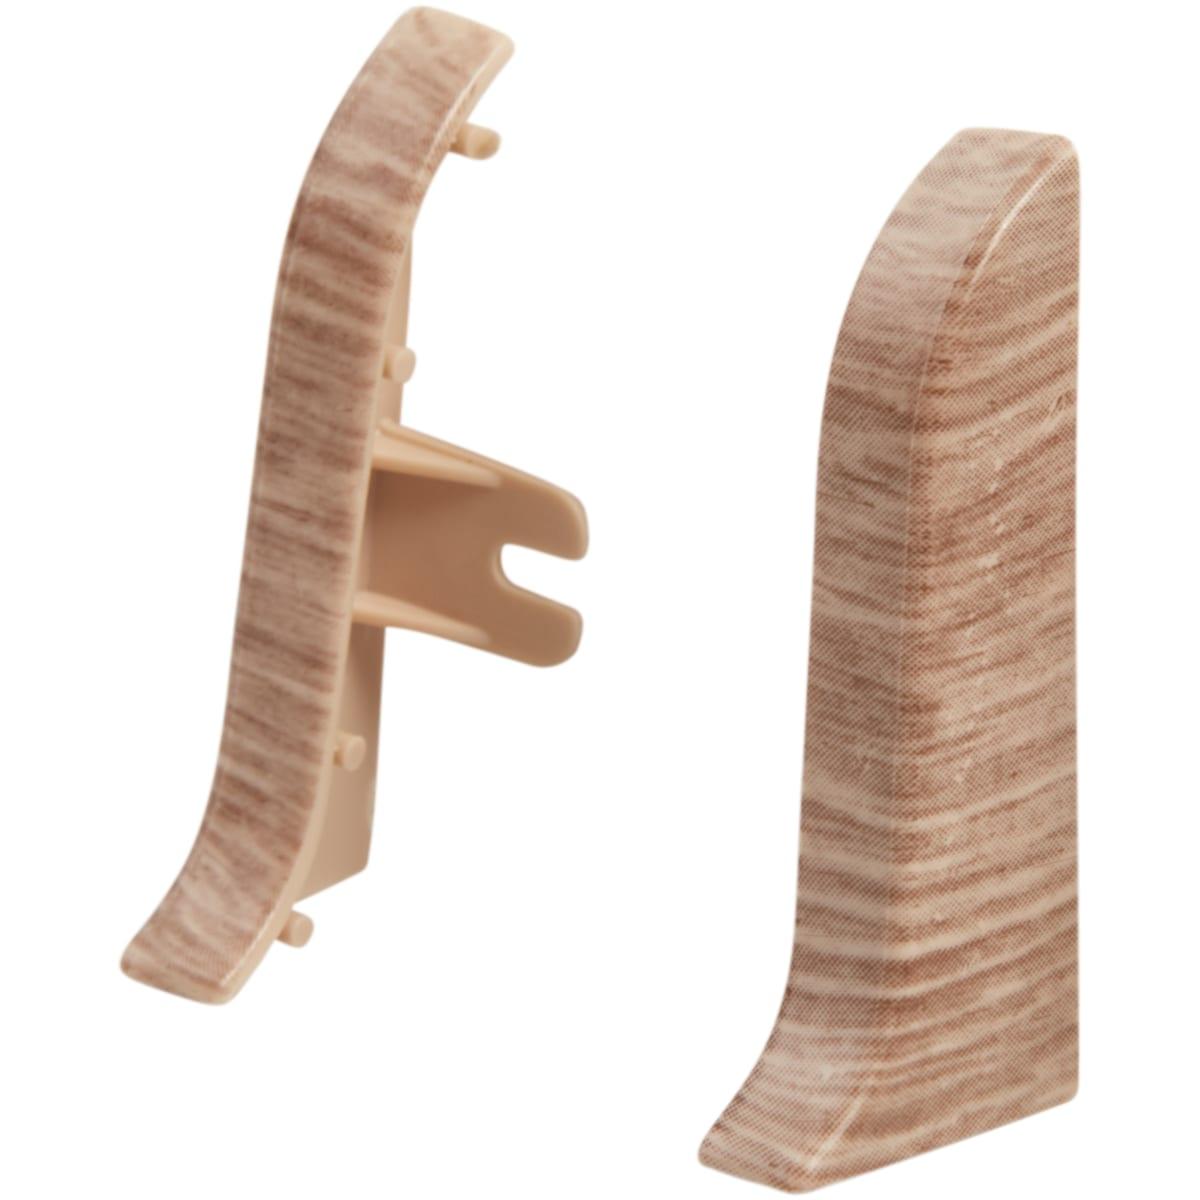 Заглушка для плинтуса левая и правая «Дуб ривьера», высота 55 мм, 2 шт.